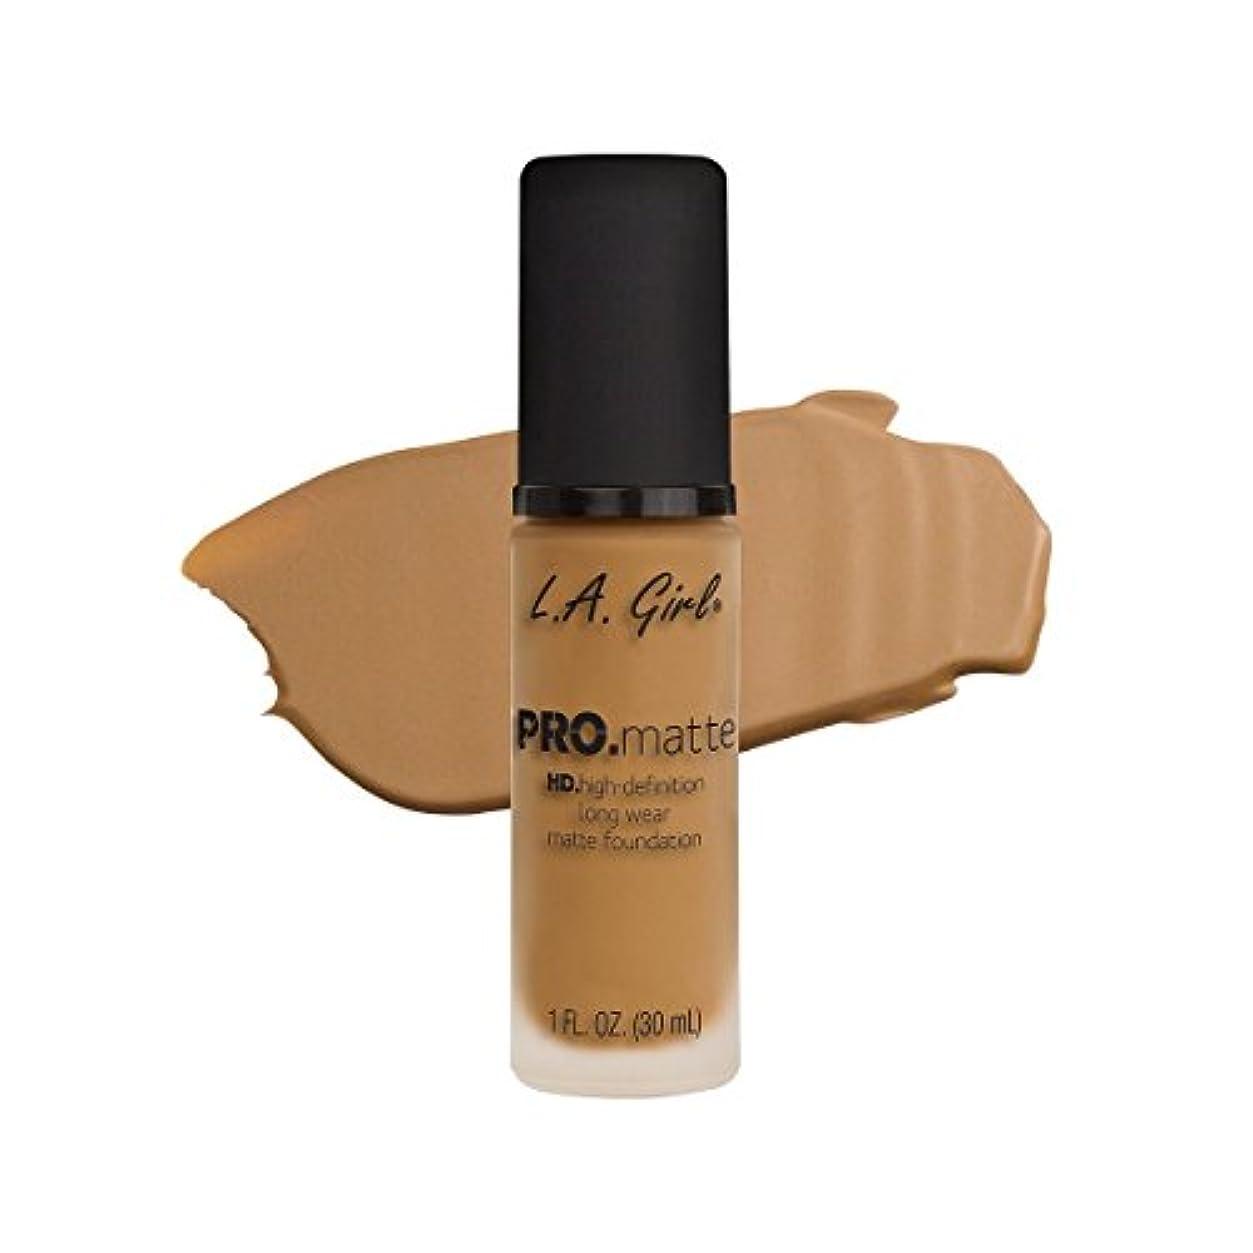 疑問に思うモッキンバード長椅子(6 Pack) L.A. GIRL Pro Matte Foundation - Sand (並行輸入品)